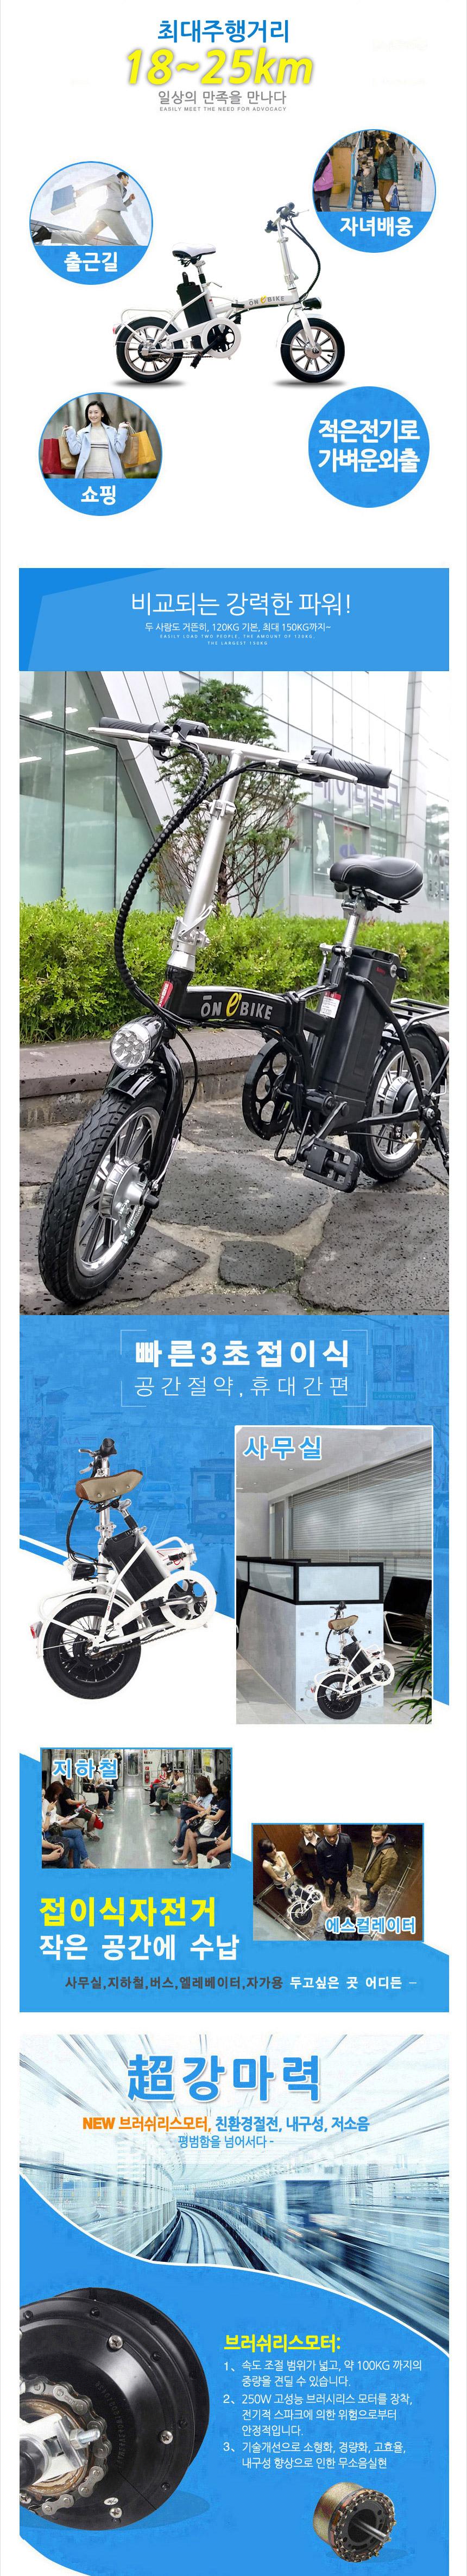 전기자전거,전동스쿠터,전동휠,전동자전거,투휠,자전거